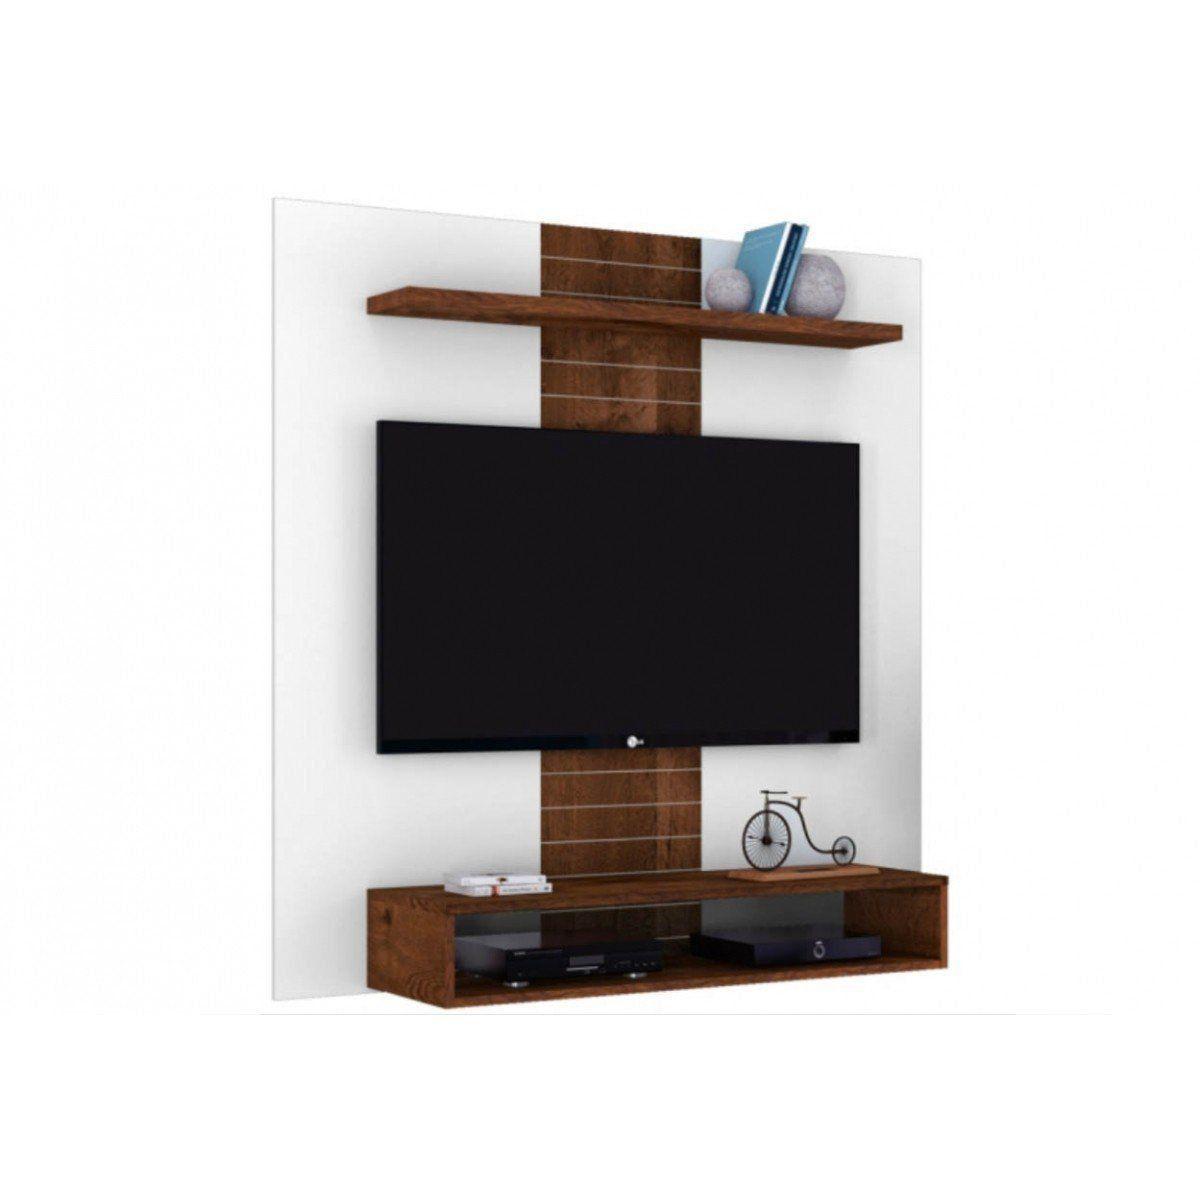 Painel Bancada Suspensa Smart para TV até 47 Polegadas - Dj Móveis